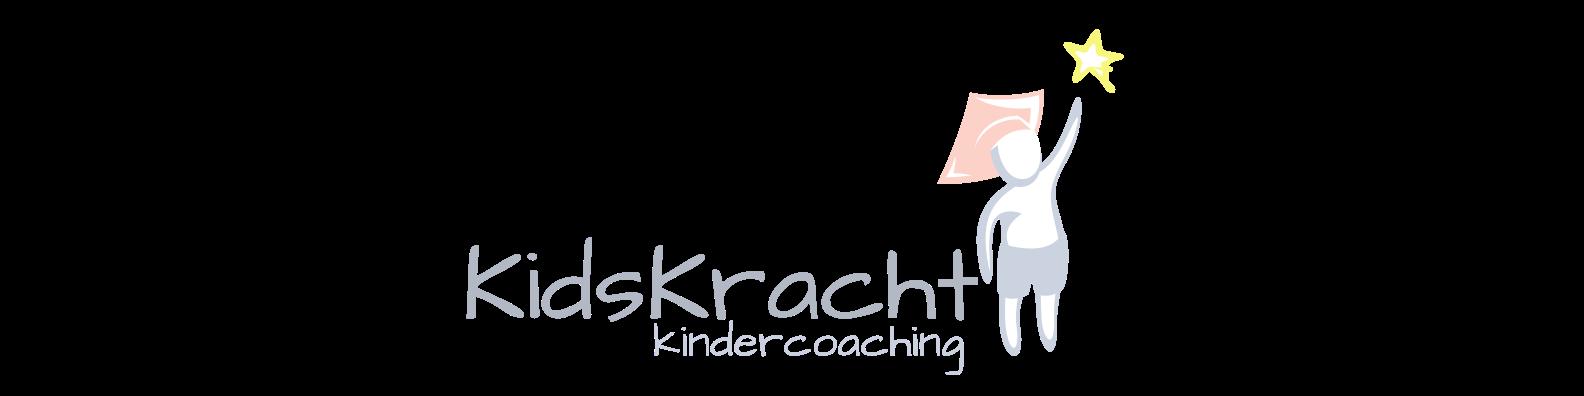 KidsKracht